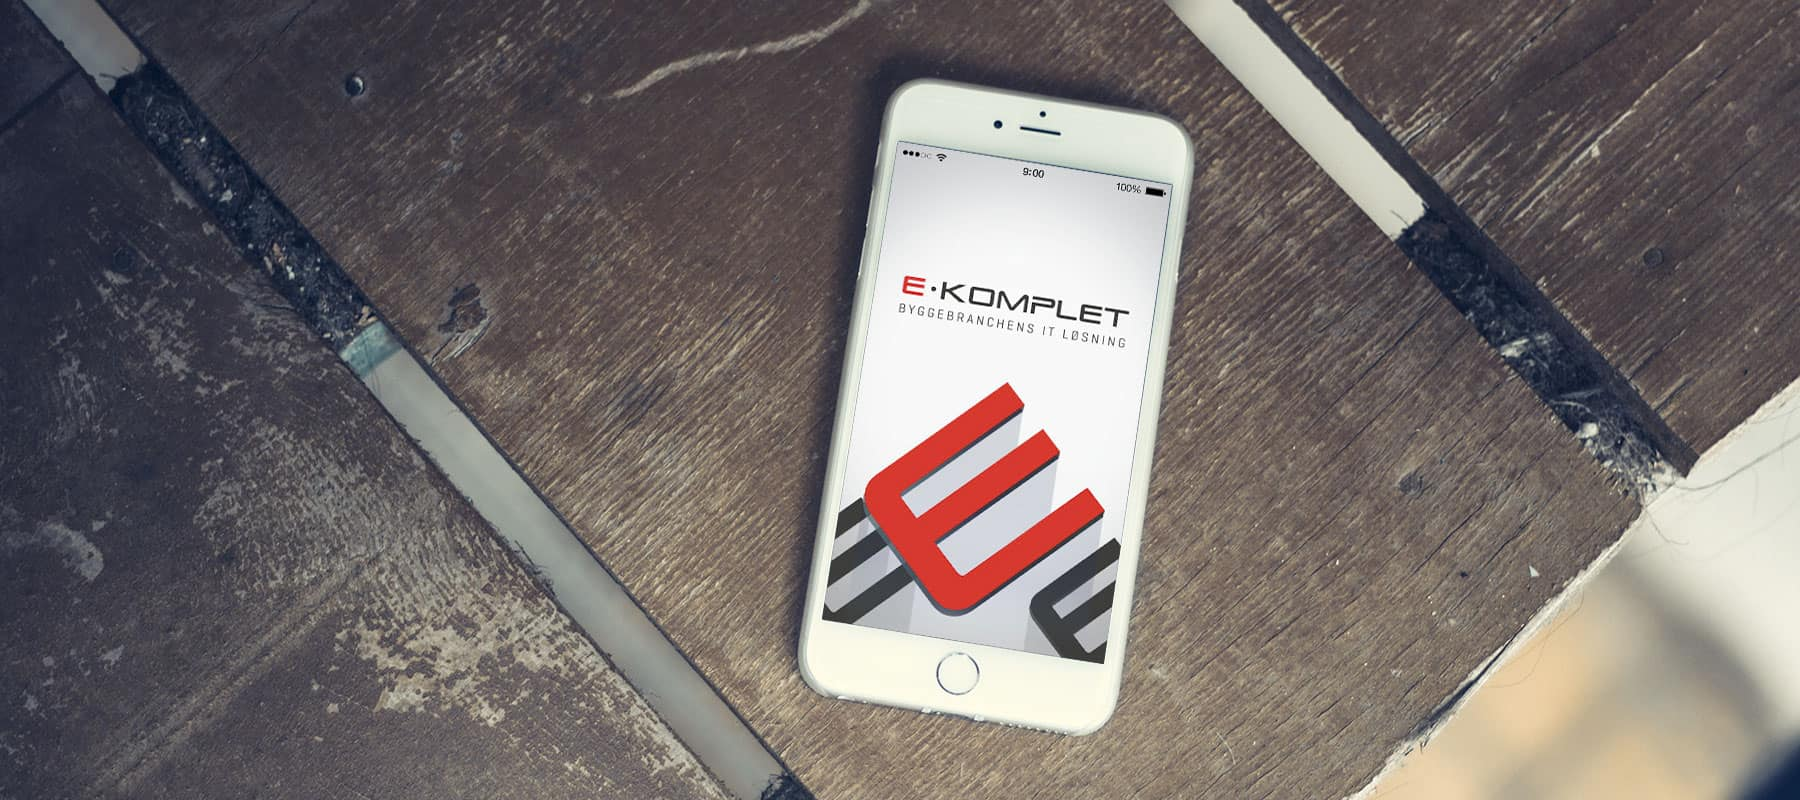 E-Komplet app på mobil på bord